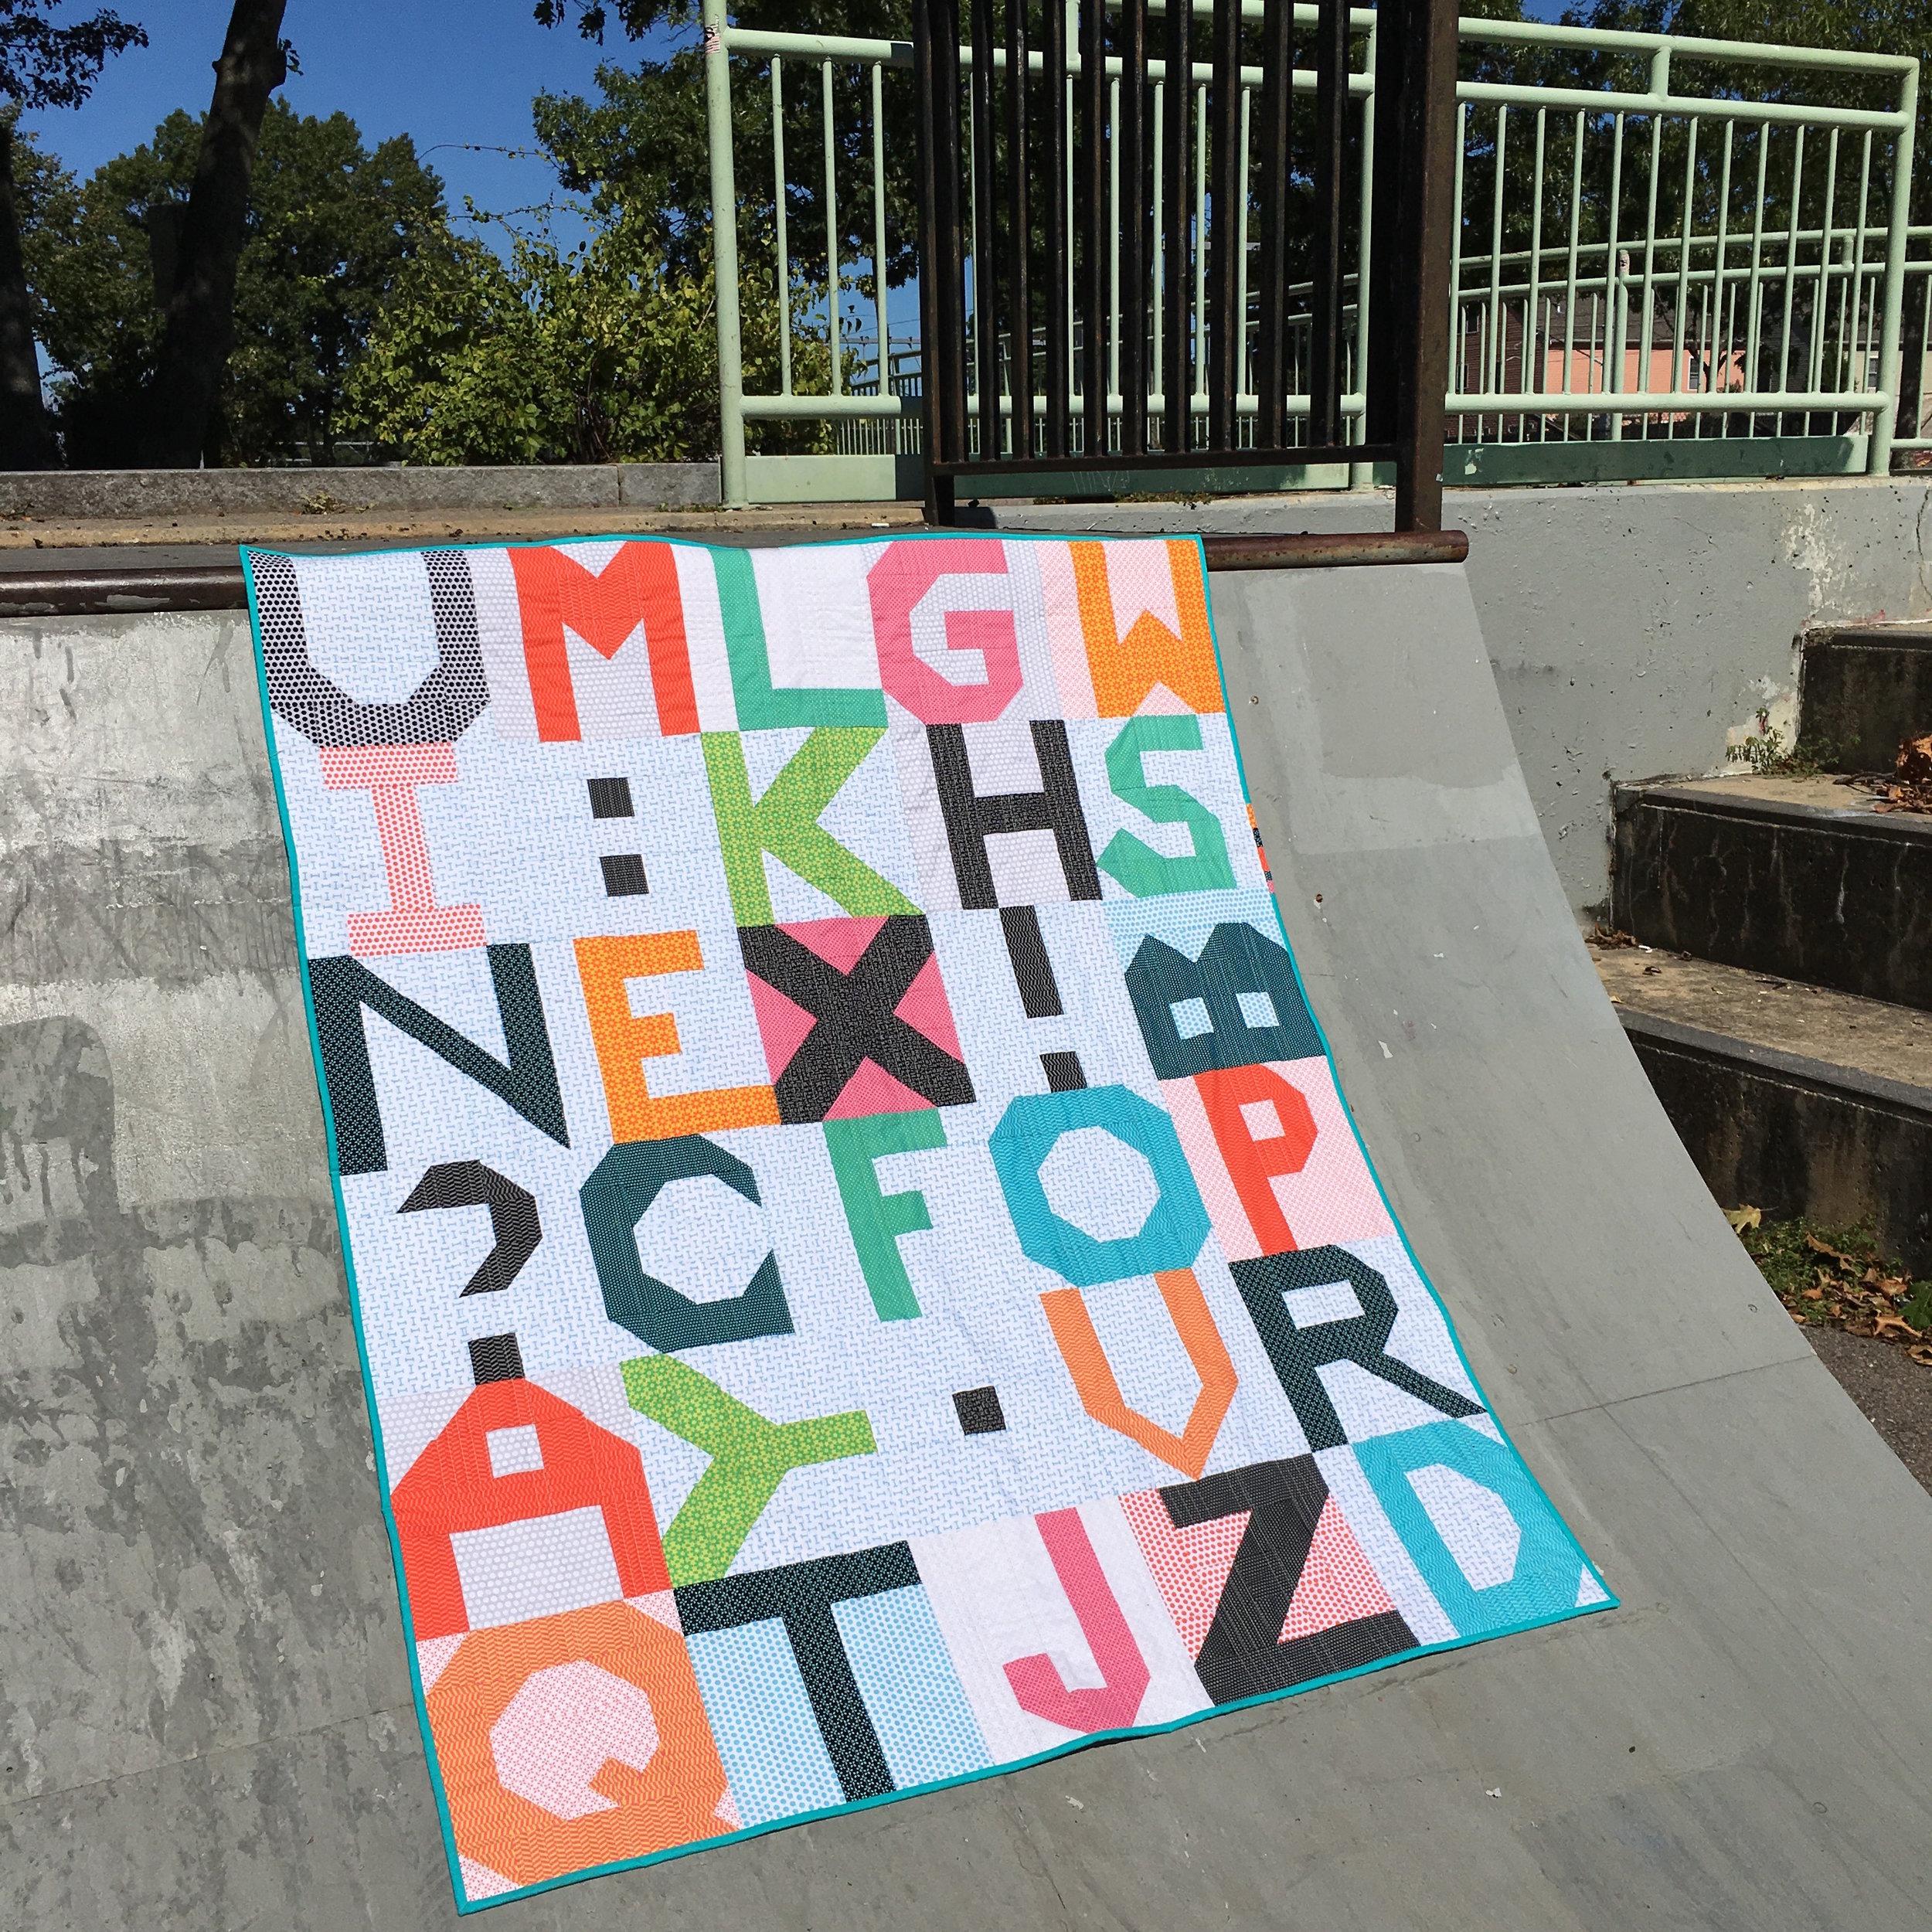 Quilt Random Letters steep skate ramp.jpg